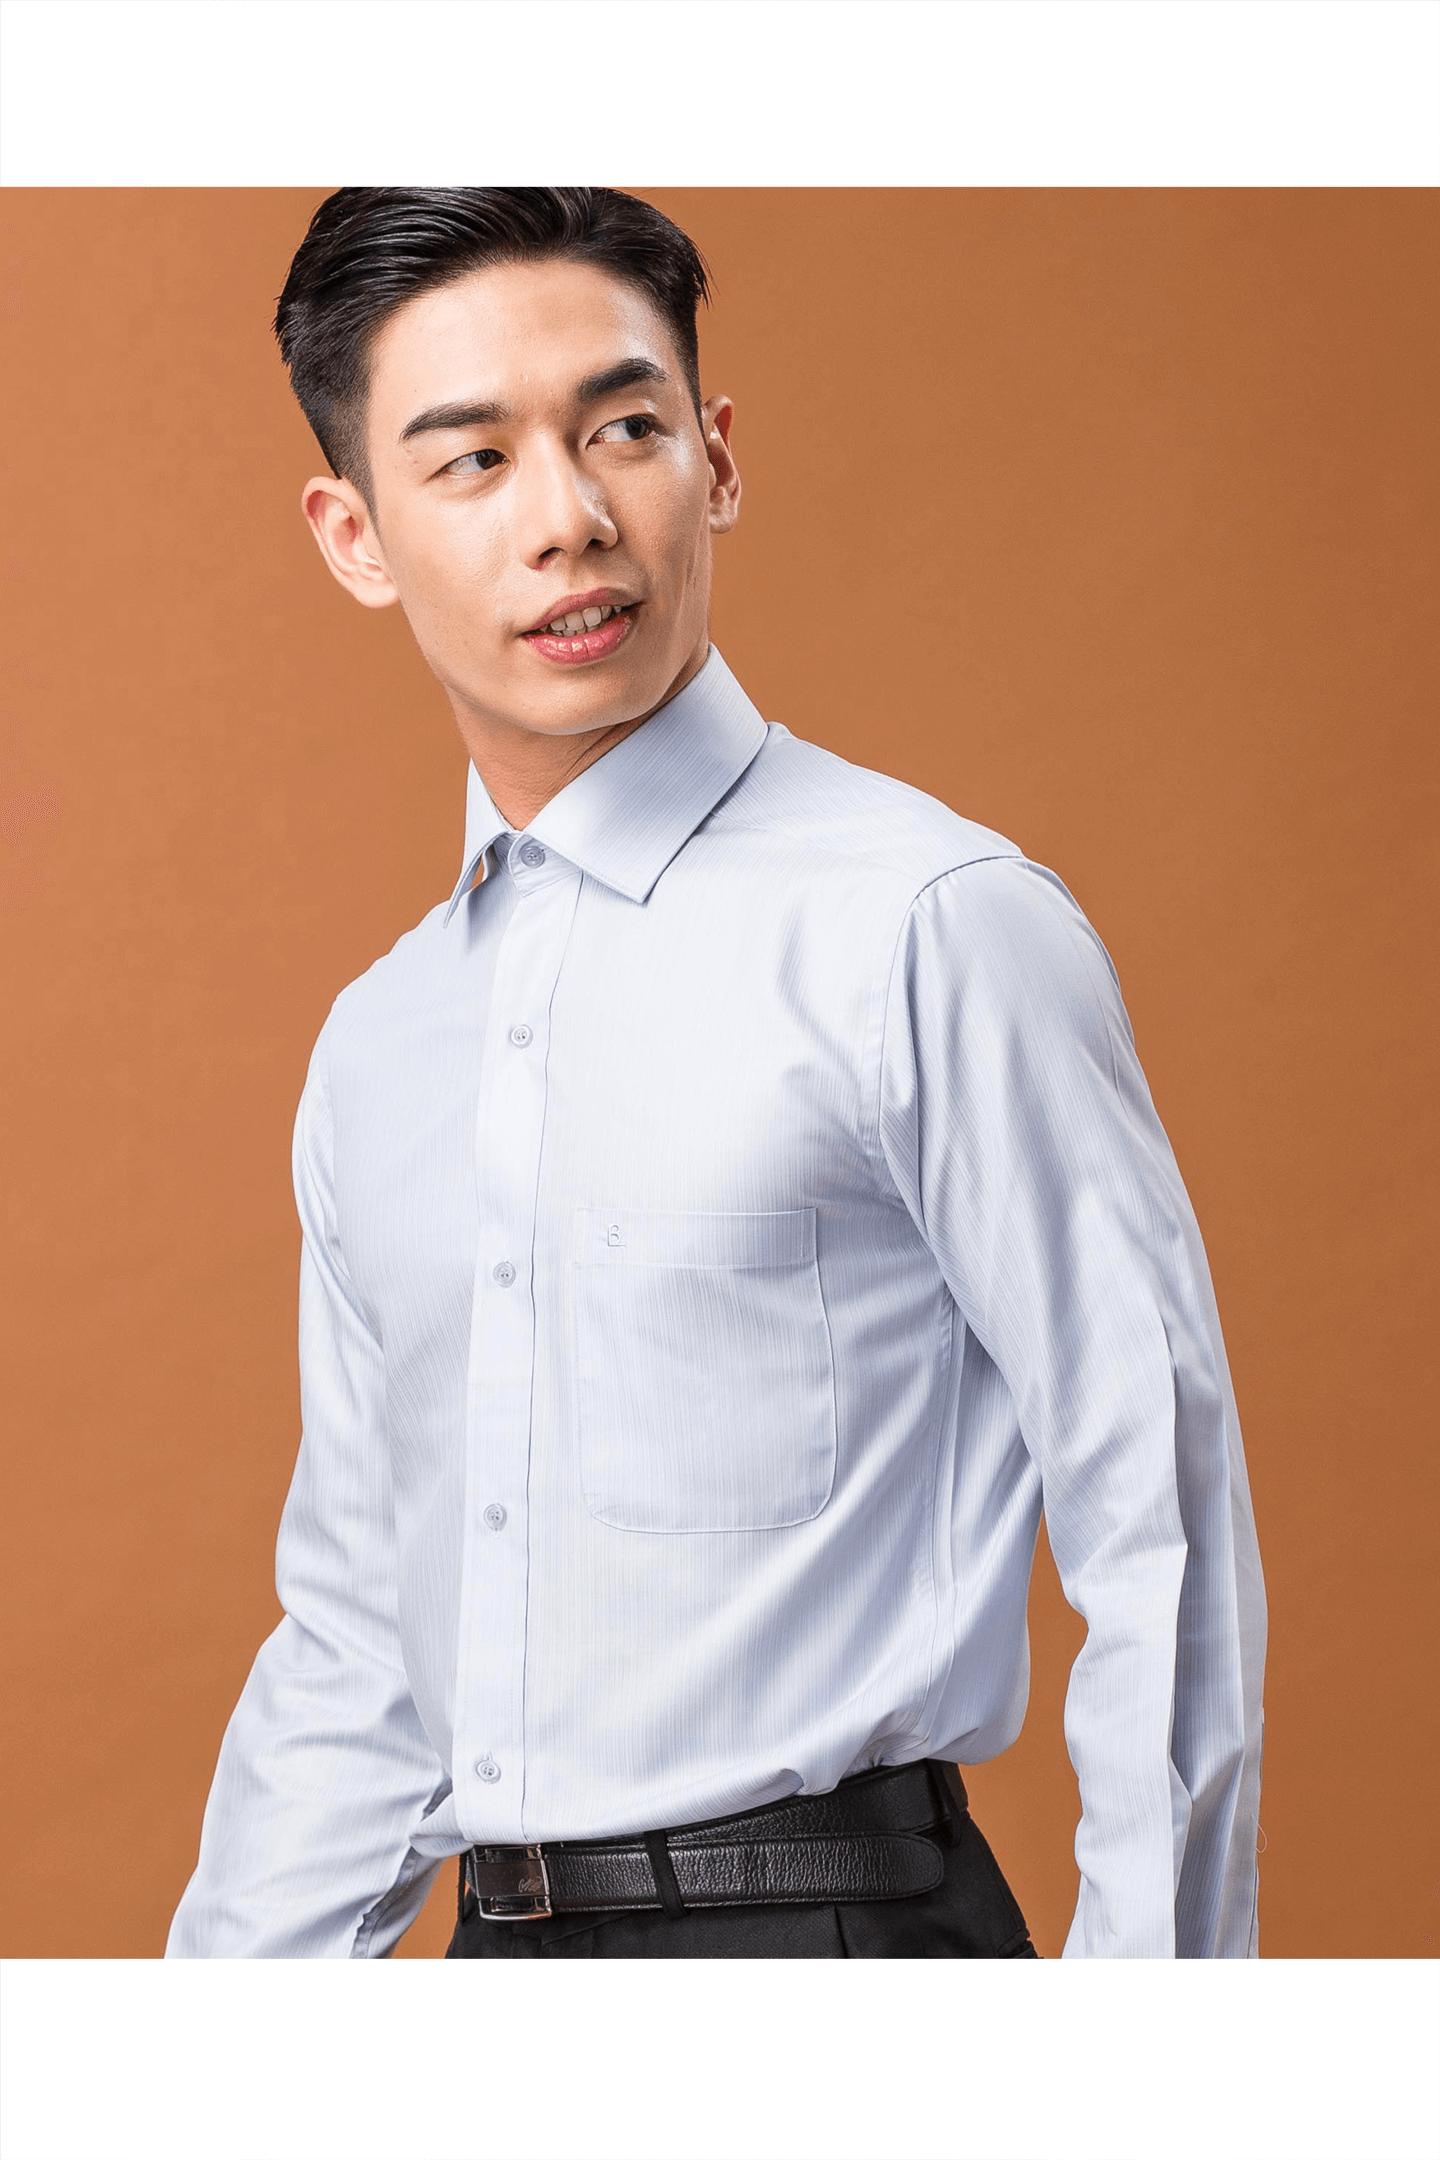 灰藍色條紋素面長袖襯衫/抗皺 舒適透氣<br />